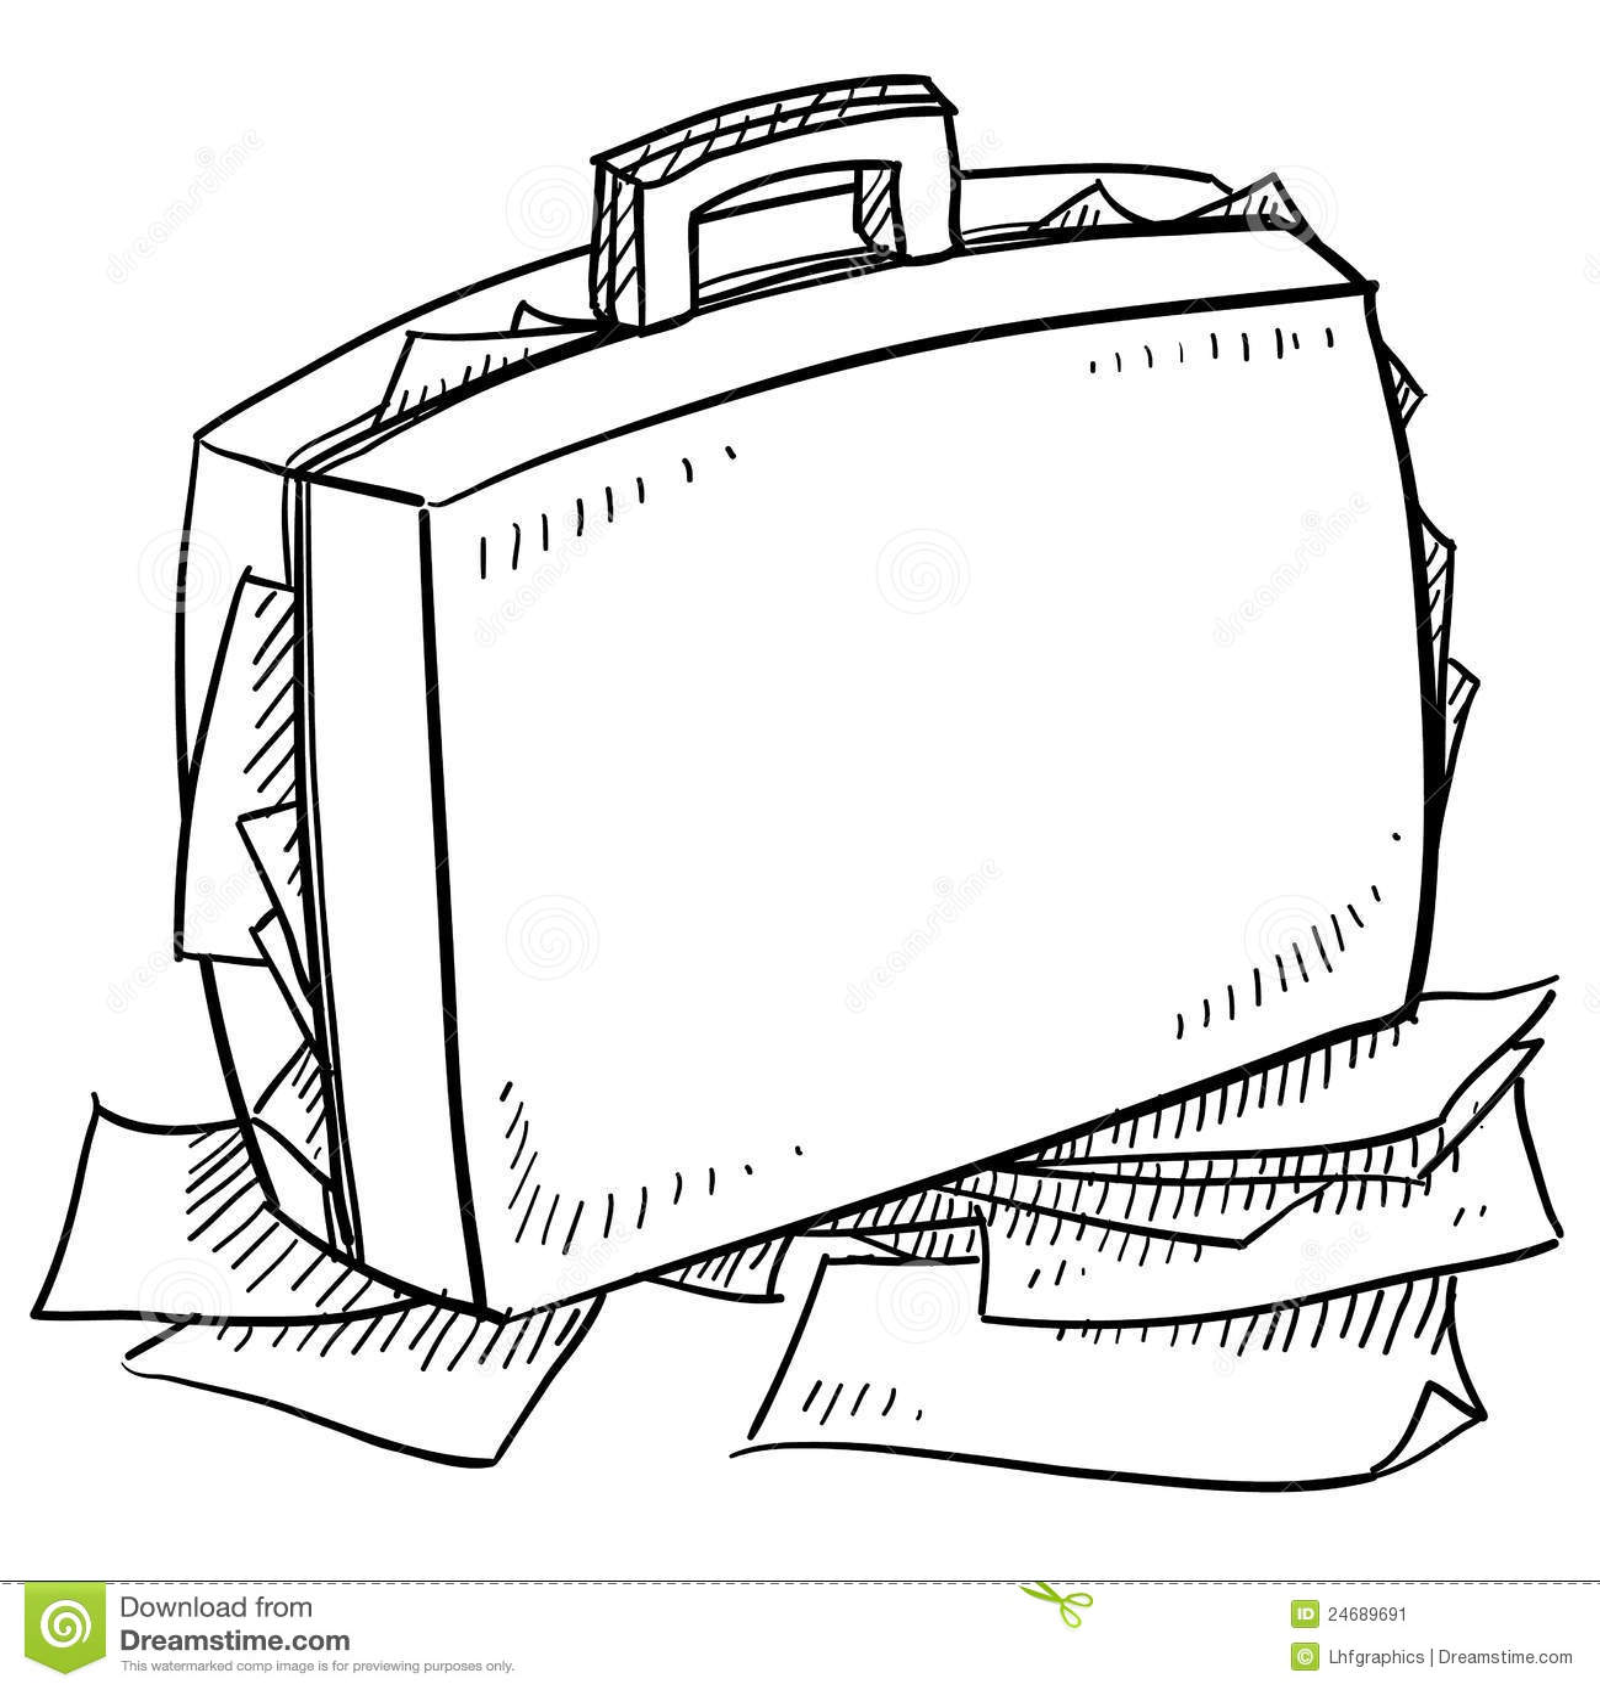 Overstuffed Briefcase Sketch Stock Vector